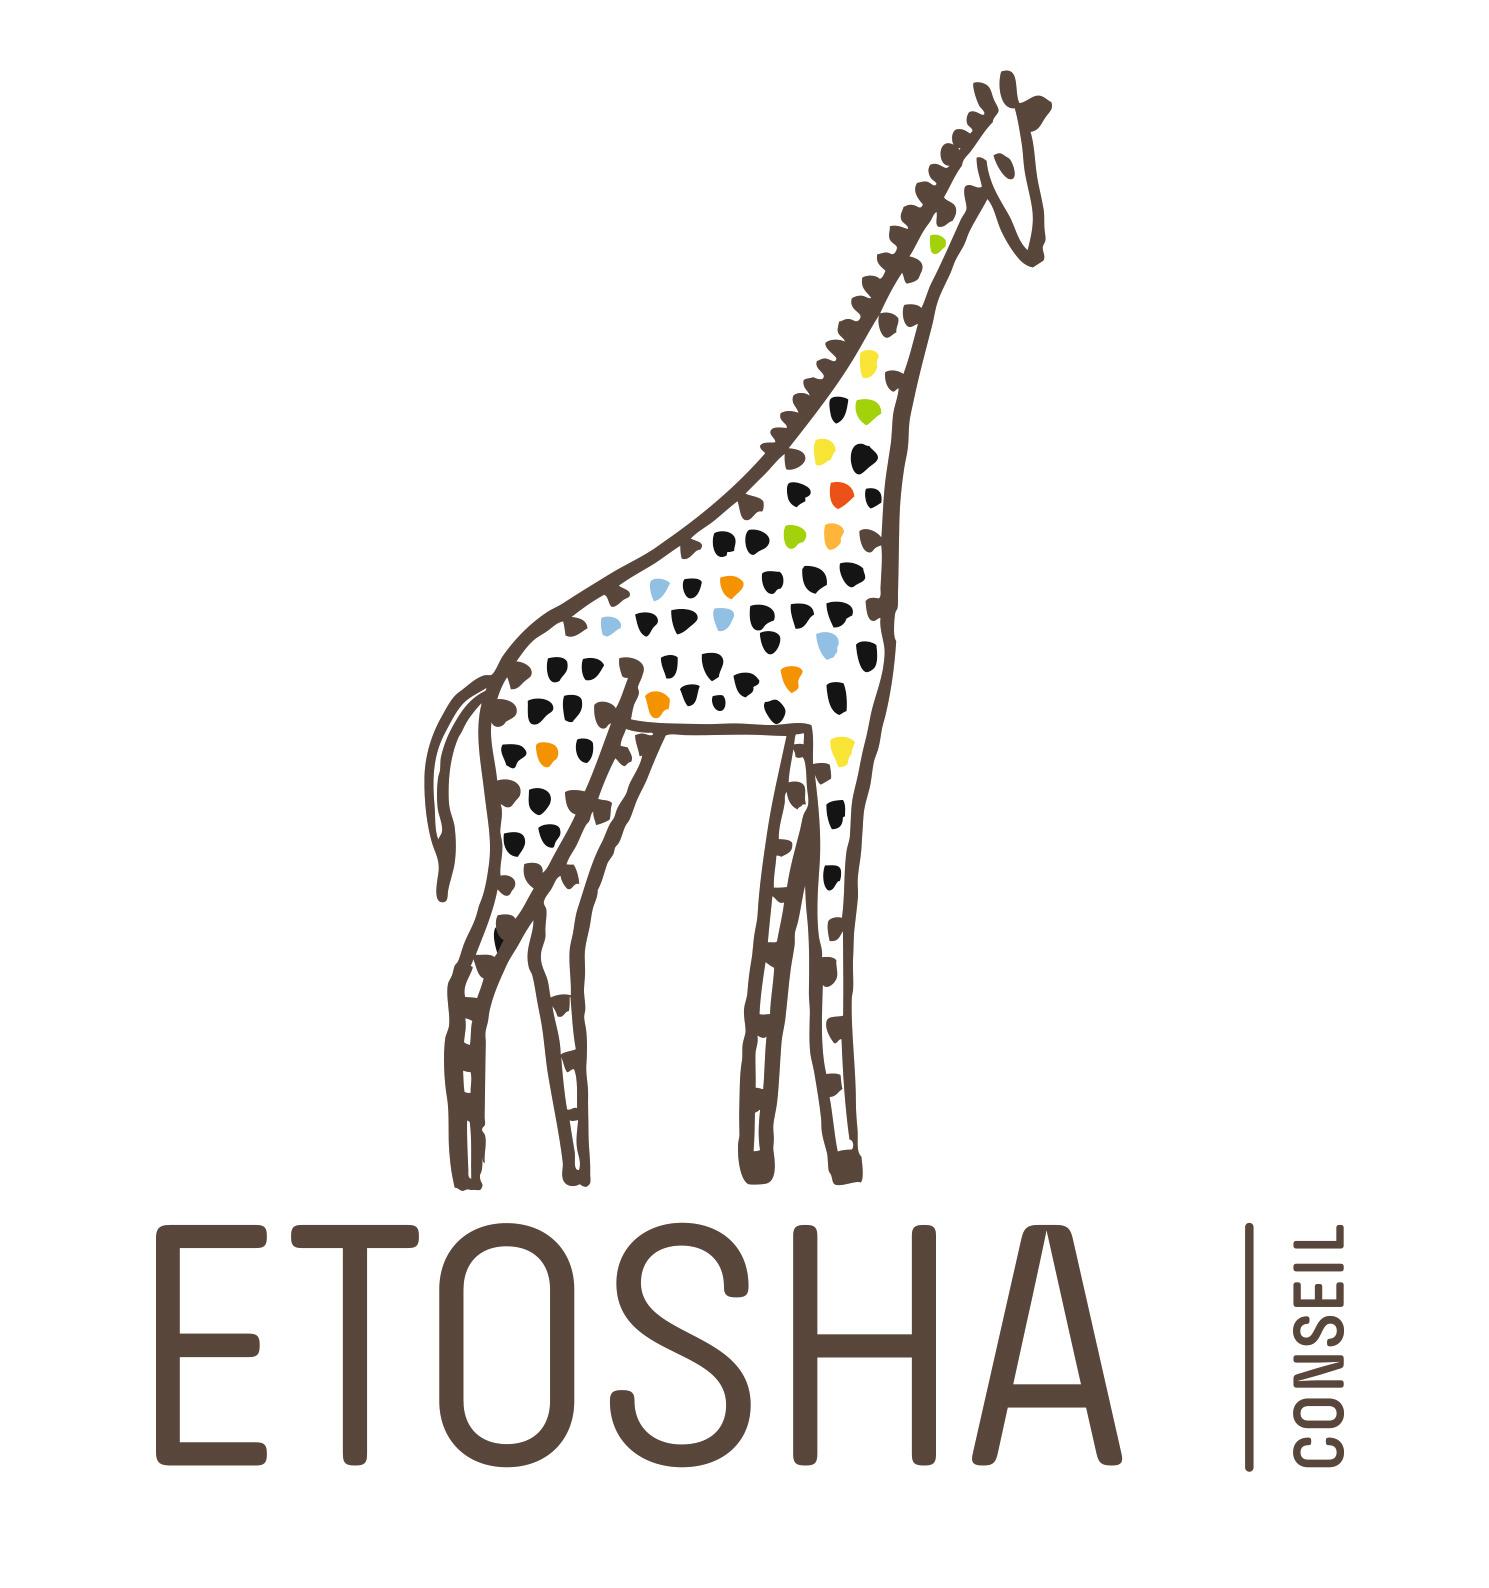 ETOSHA CONSEIL